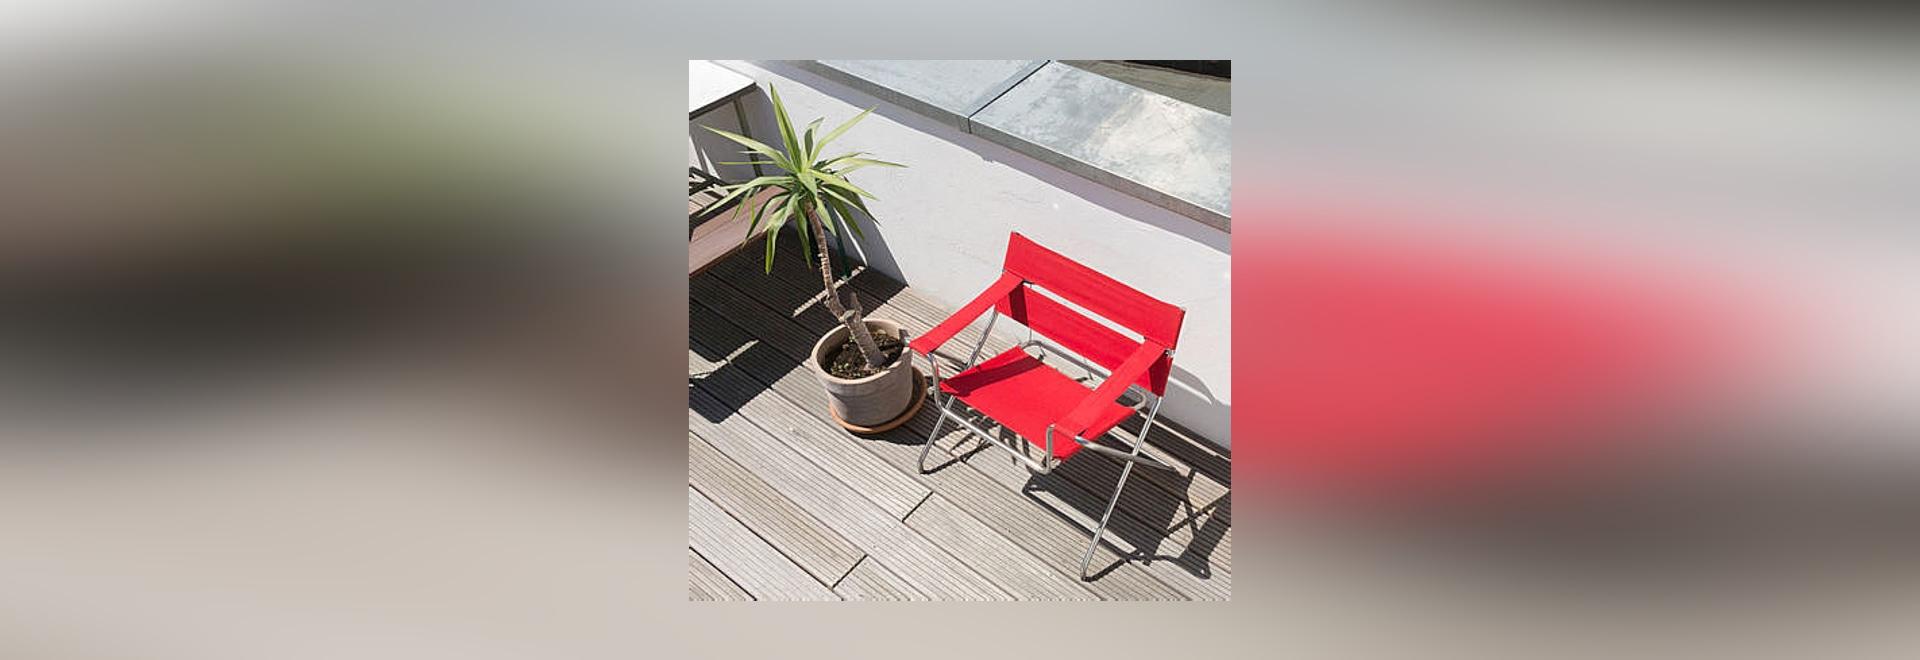 cultura del jardn del bauhaus muebles al aire libre de marcelo breuers